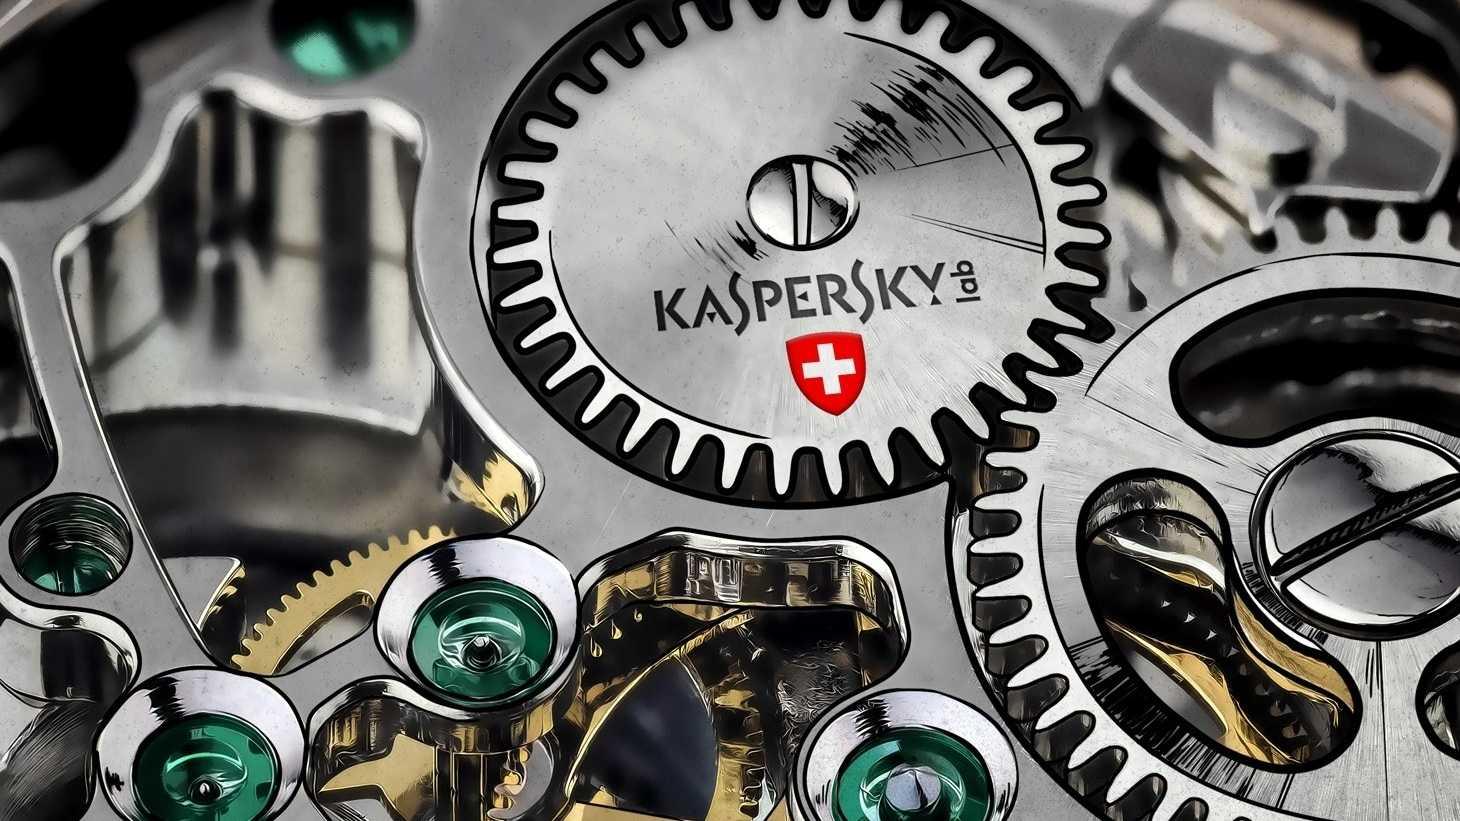 Nach Spionage-Vorwürfen: Kaspersky verlegt  Kundendaten in die Schweiz